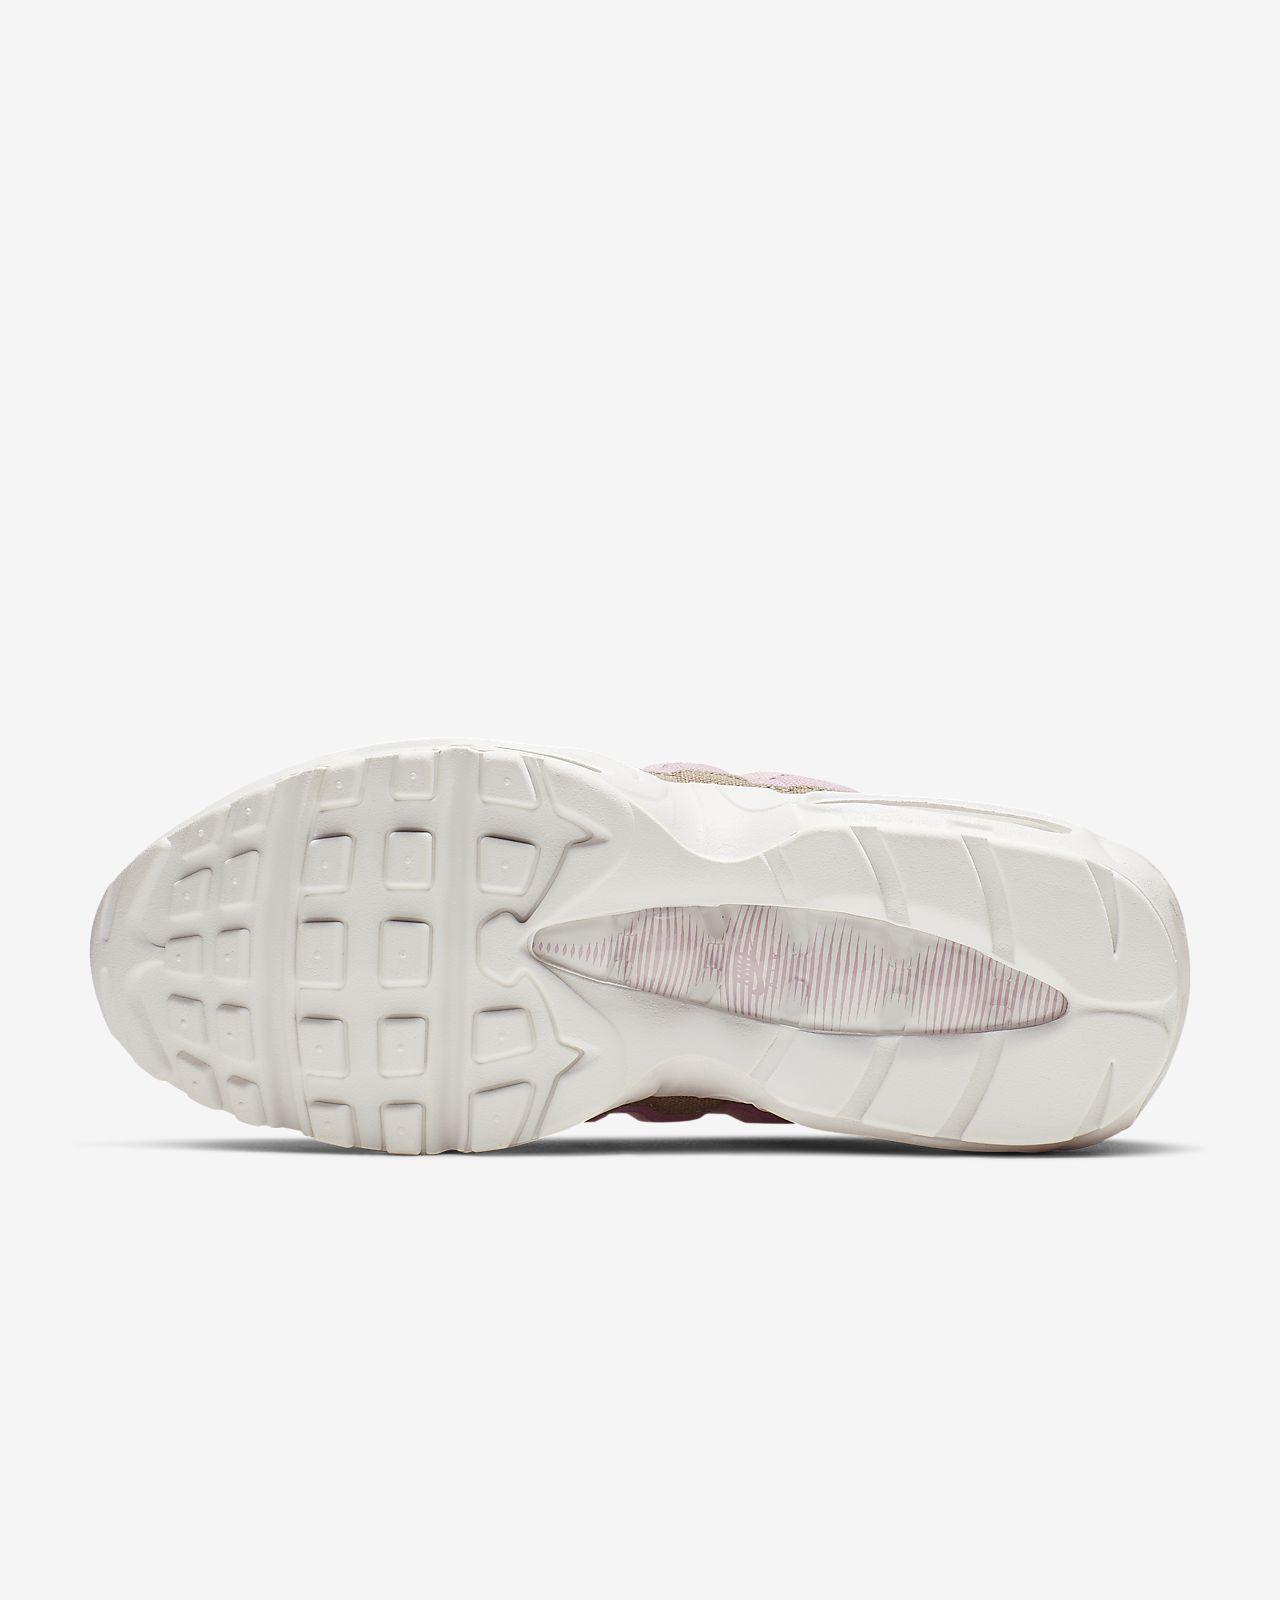 hot sale online c507c 88431 ... Nike Air Max 95 QS Women s Shoe